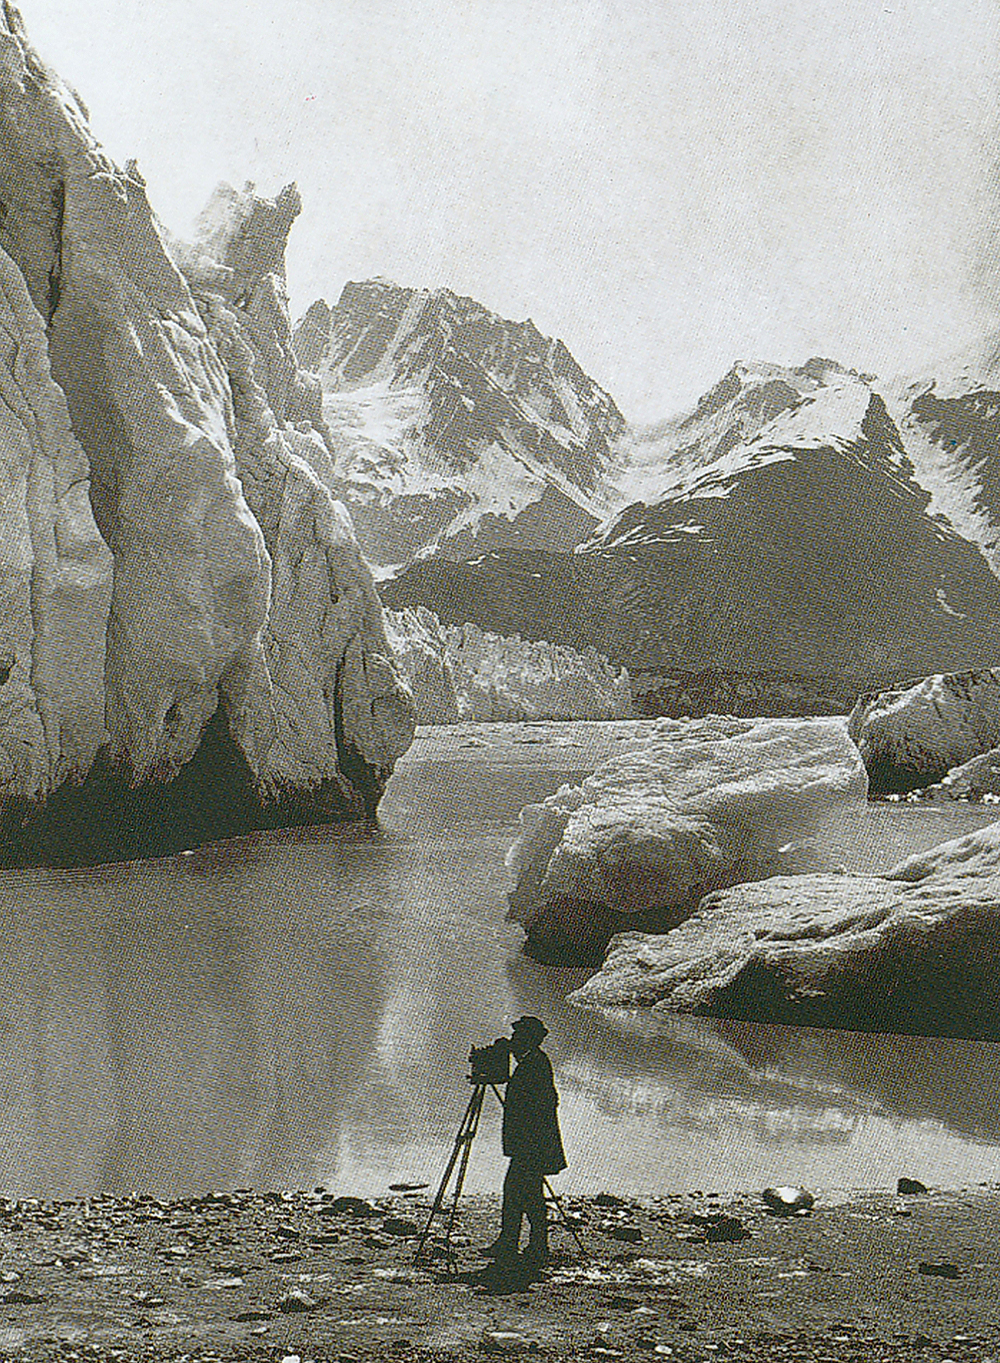 Аляска, ярко выраженное таяние ледников. Ландшафт изменился донеузнаваемости. Фотографии 1891 и200